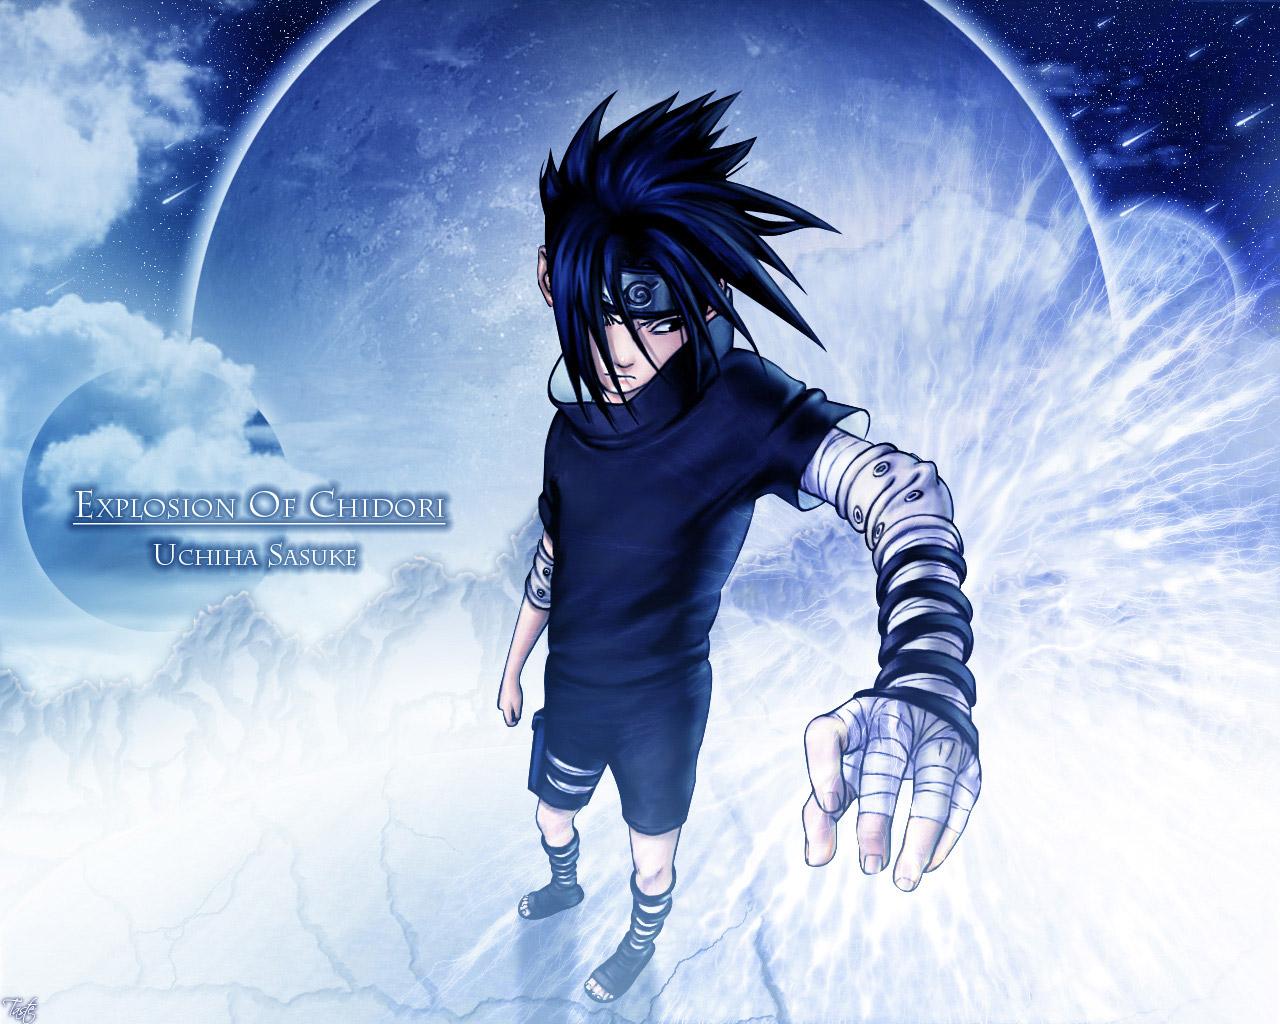 http://1.bp.blogspot.com/_meWSnakrw9k/TLbXApuq9ZI/AAAAAAAAAGk/V52b5SP9564/s1600/uchiha-sasuke-455593.jpeg